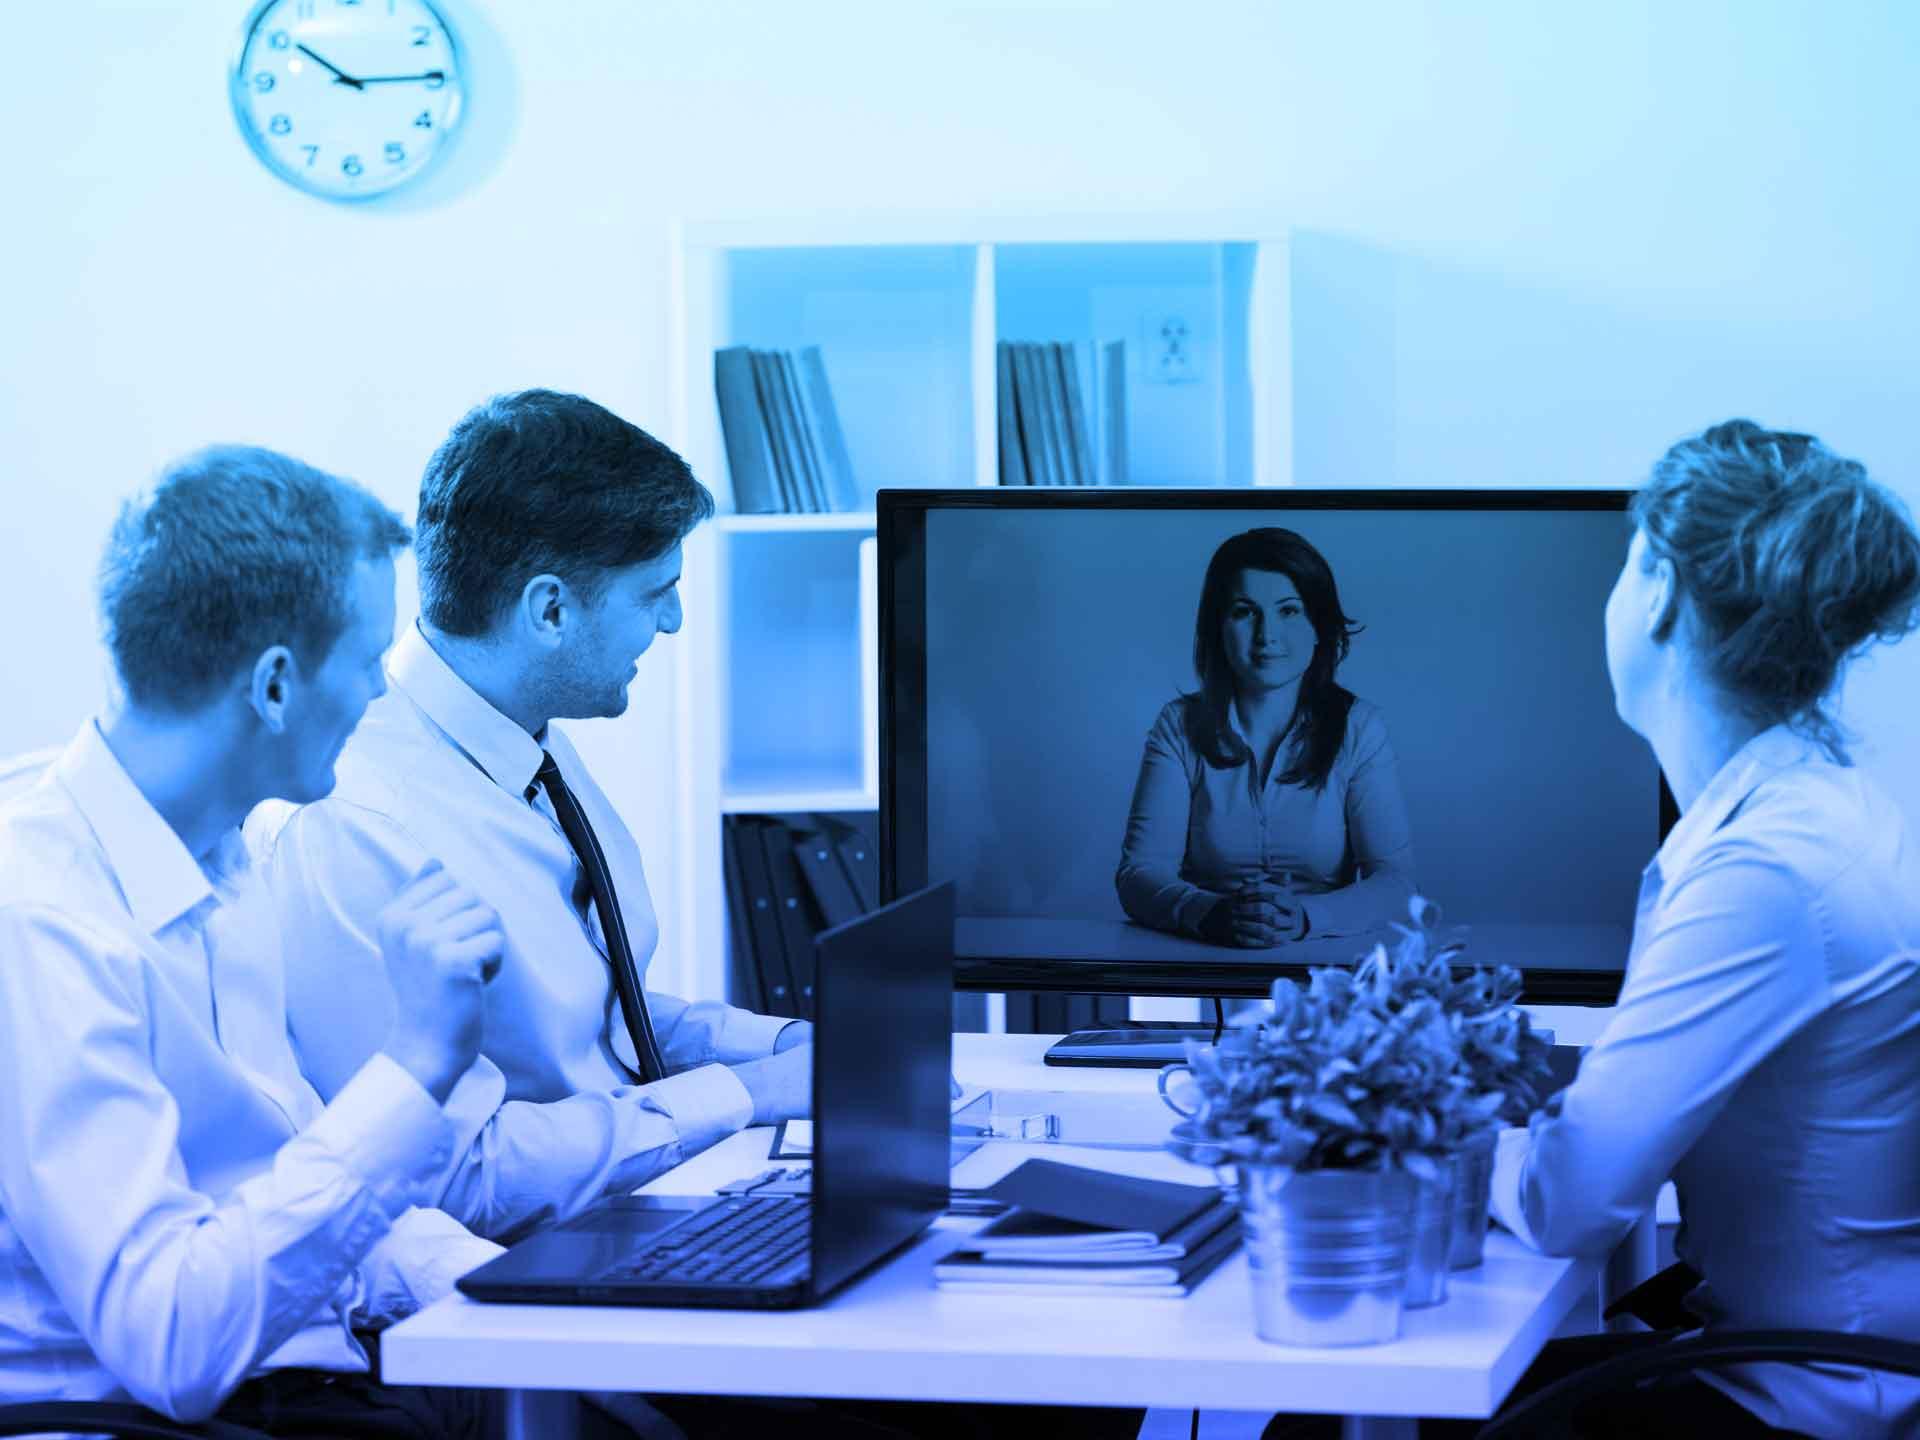 Skype entreprise, communiquez sur de nombreux appareils